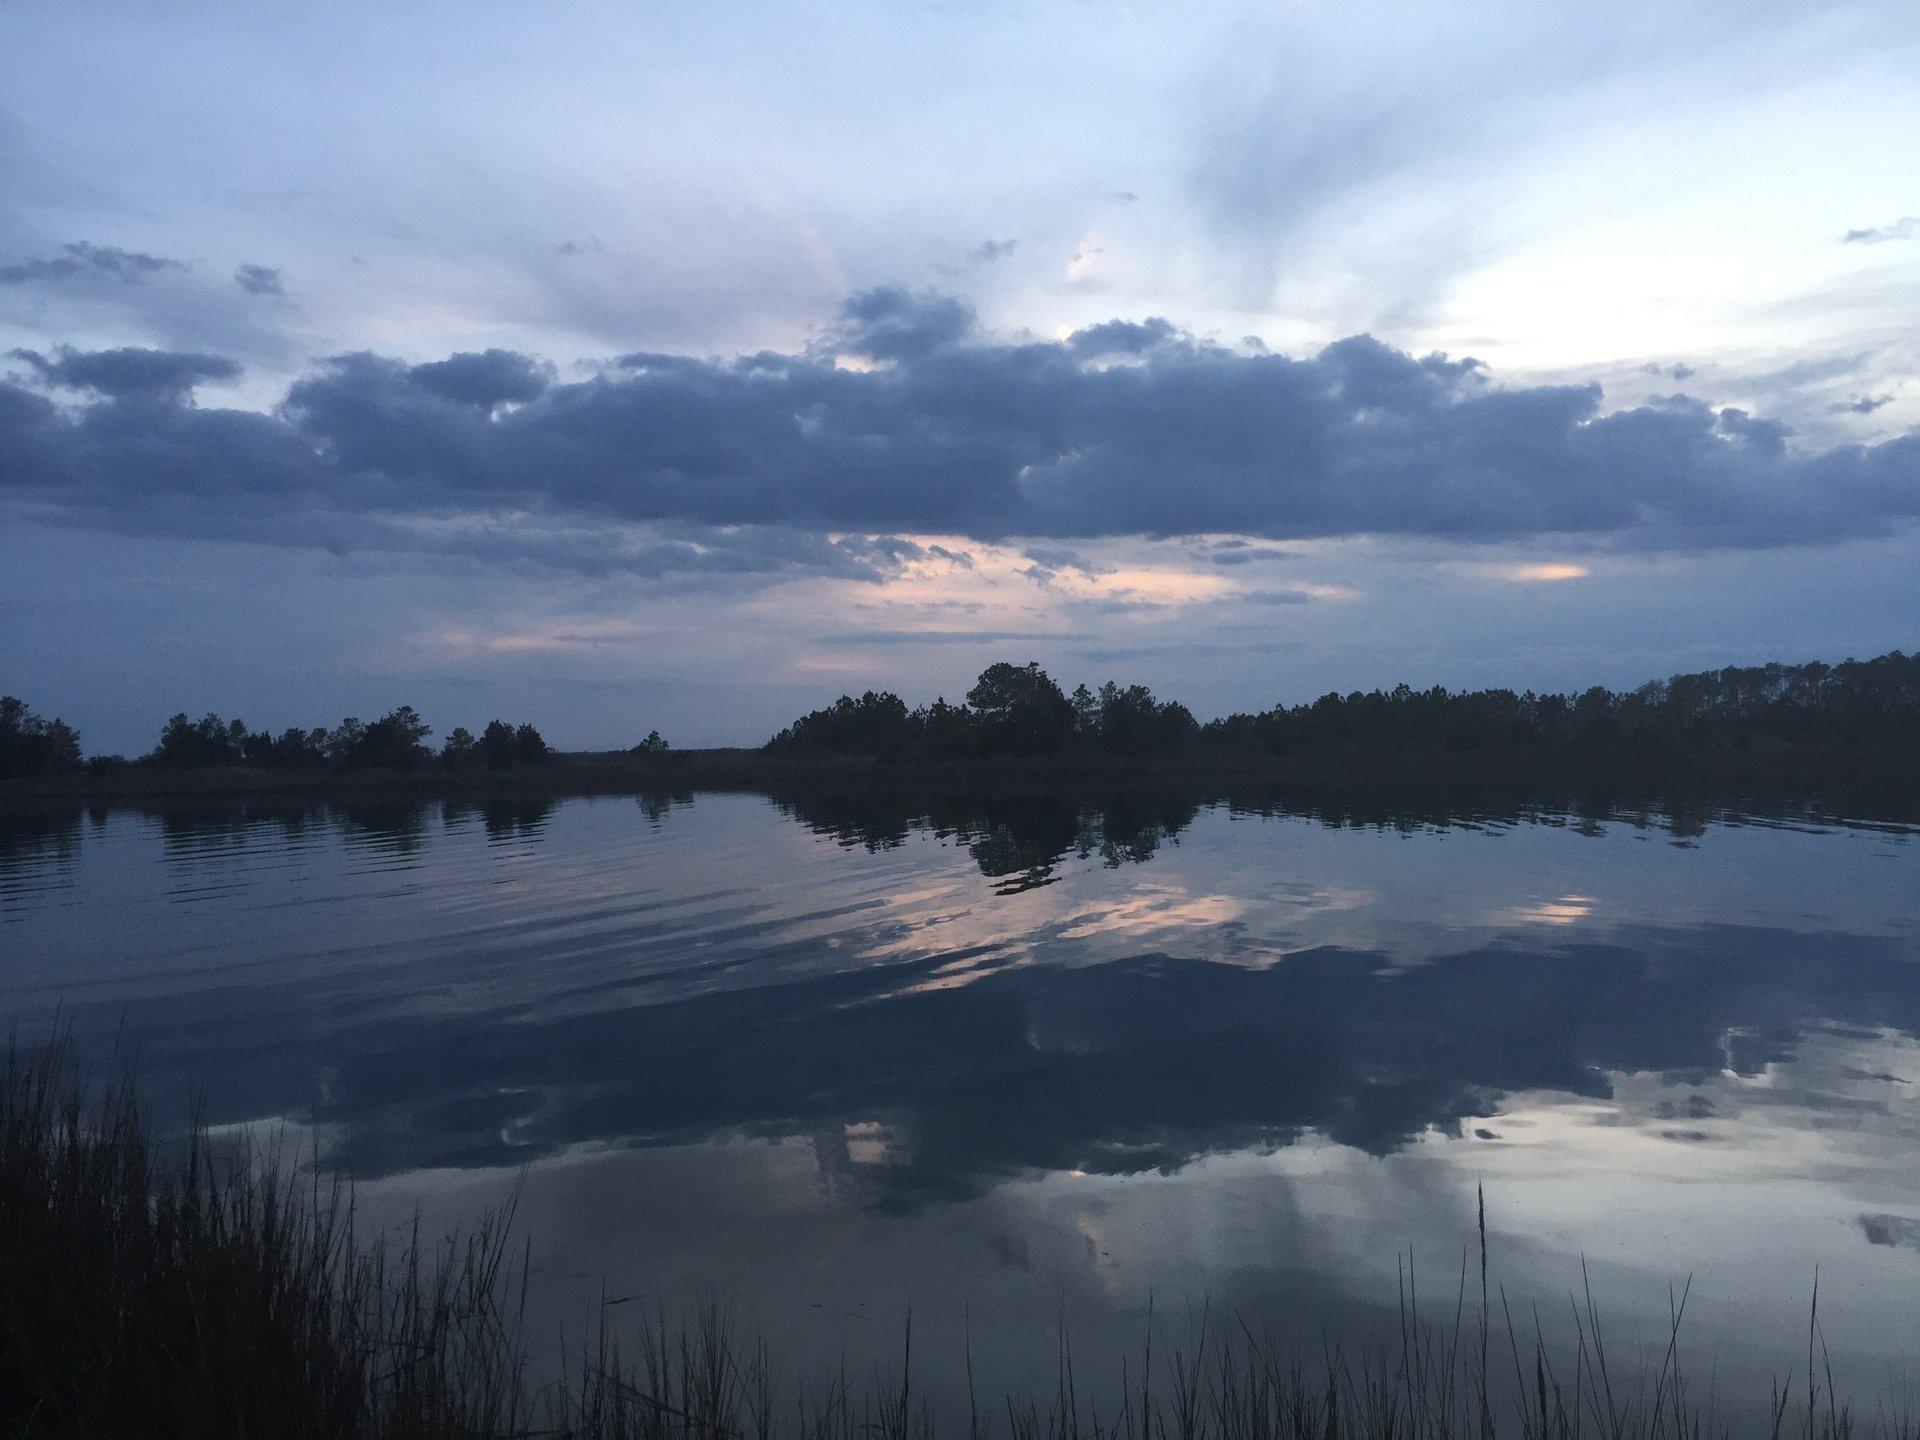 Mirta Martin's photograph of a lake